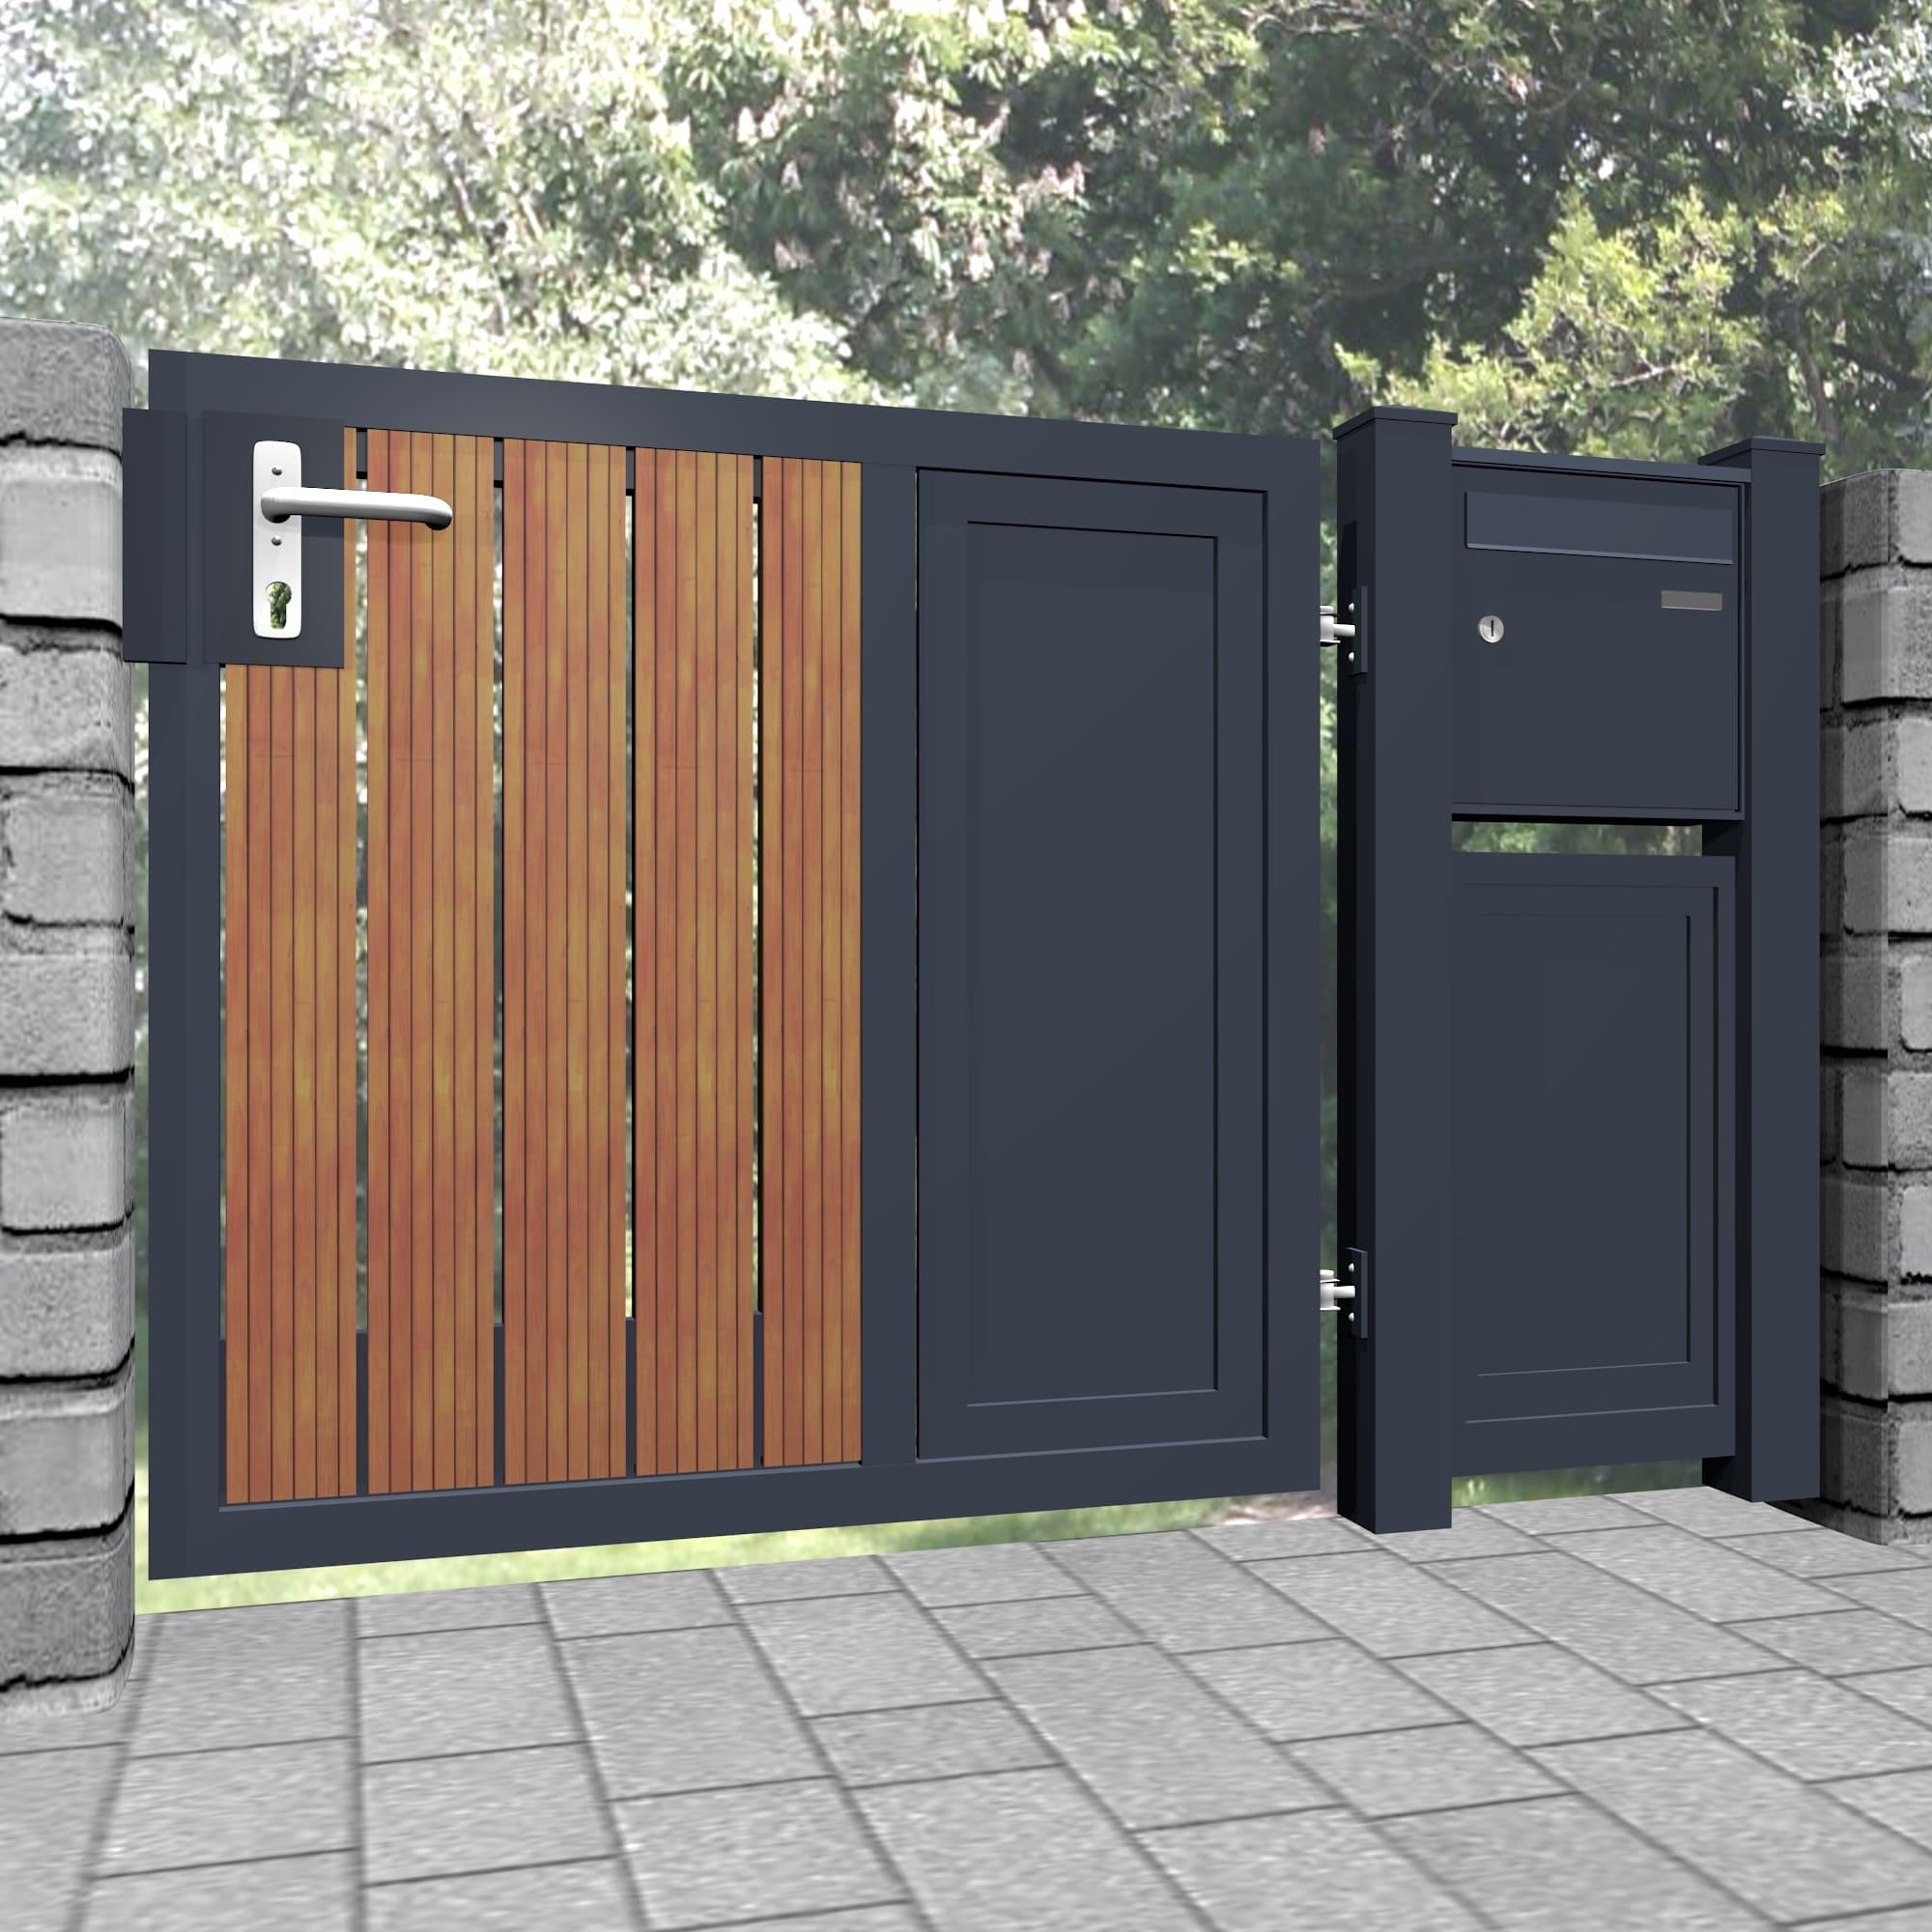 Gartentür Alu-Holz 1-flügelig Sichtschutz KSBHS, GE, BK